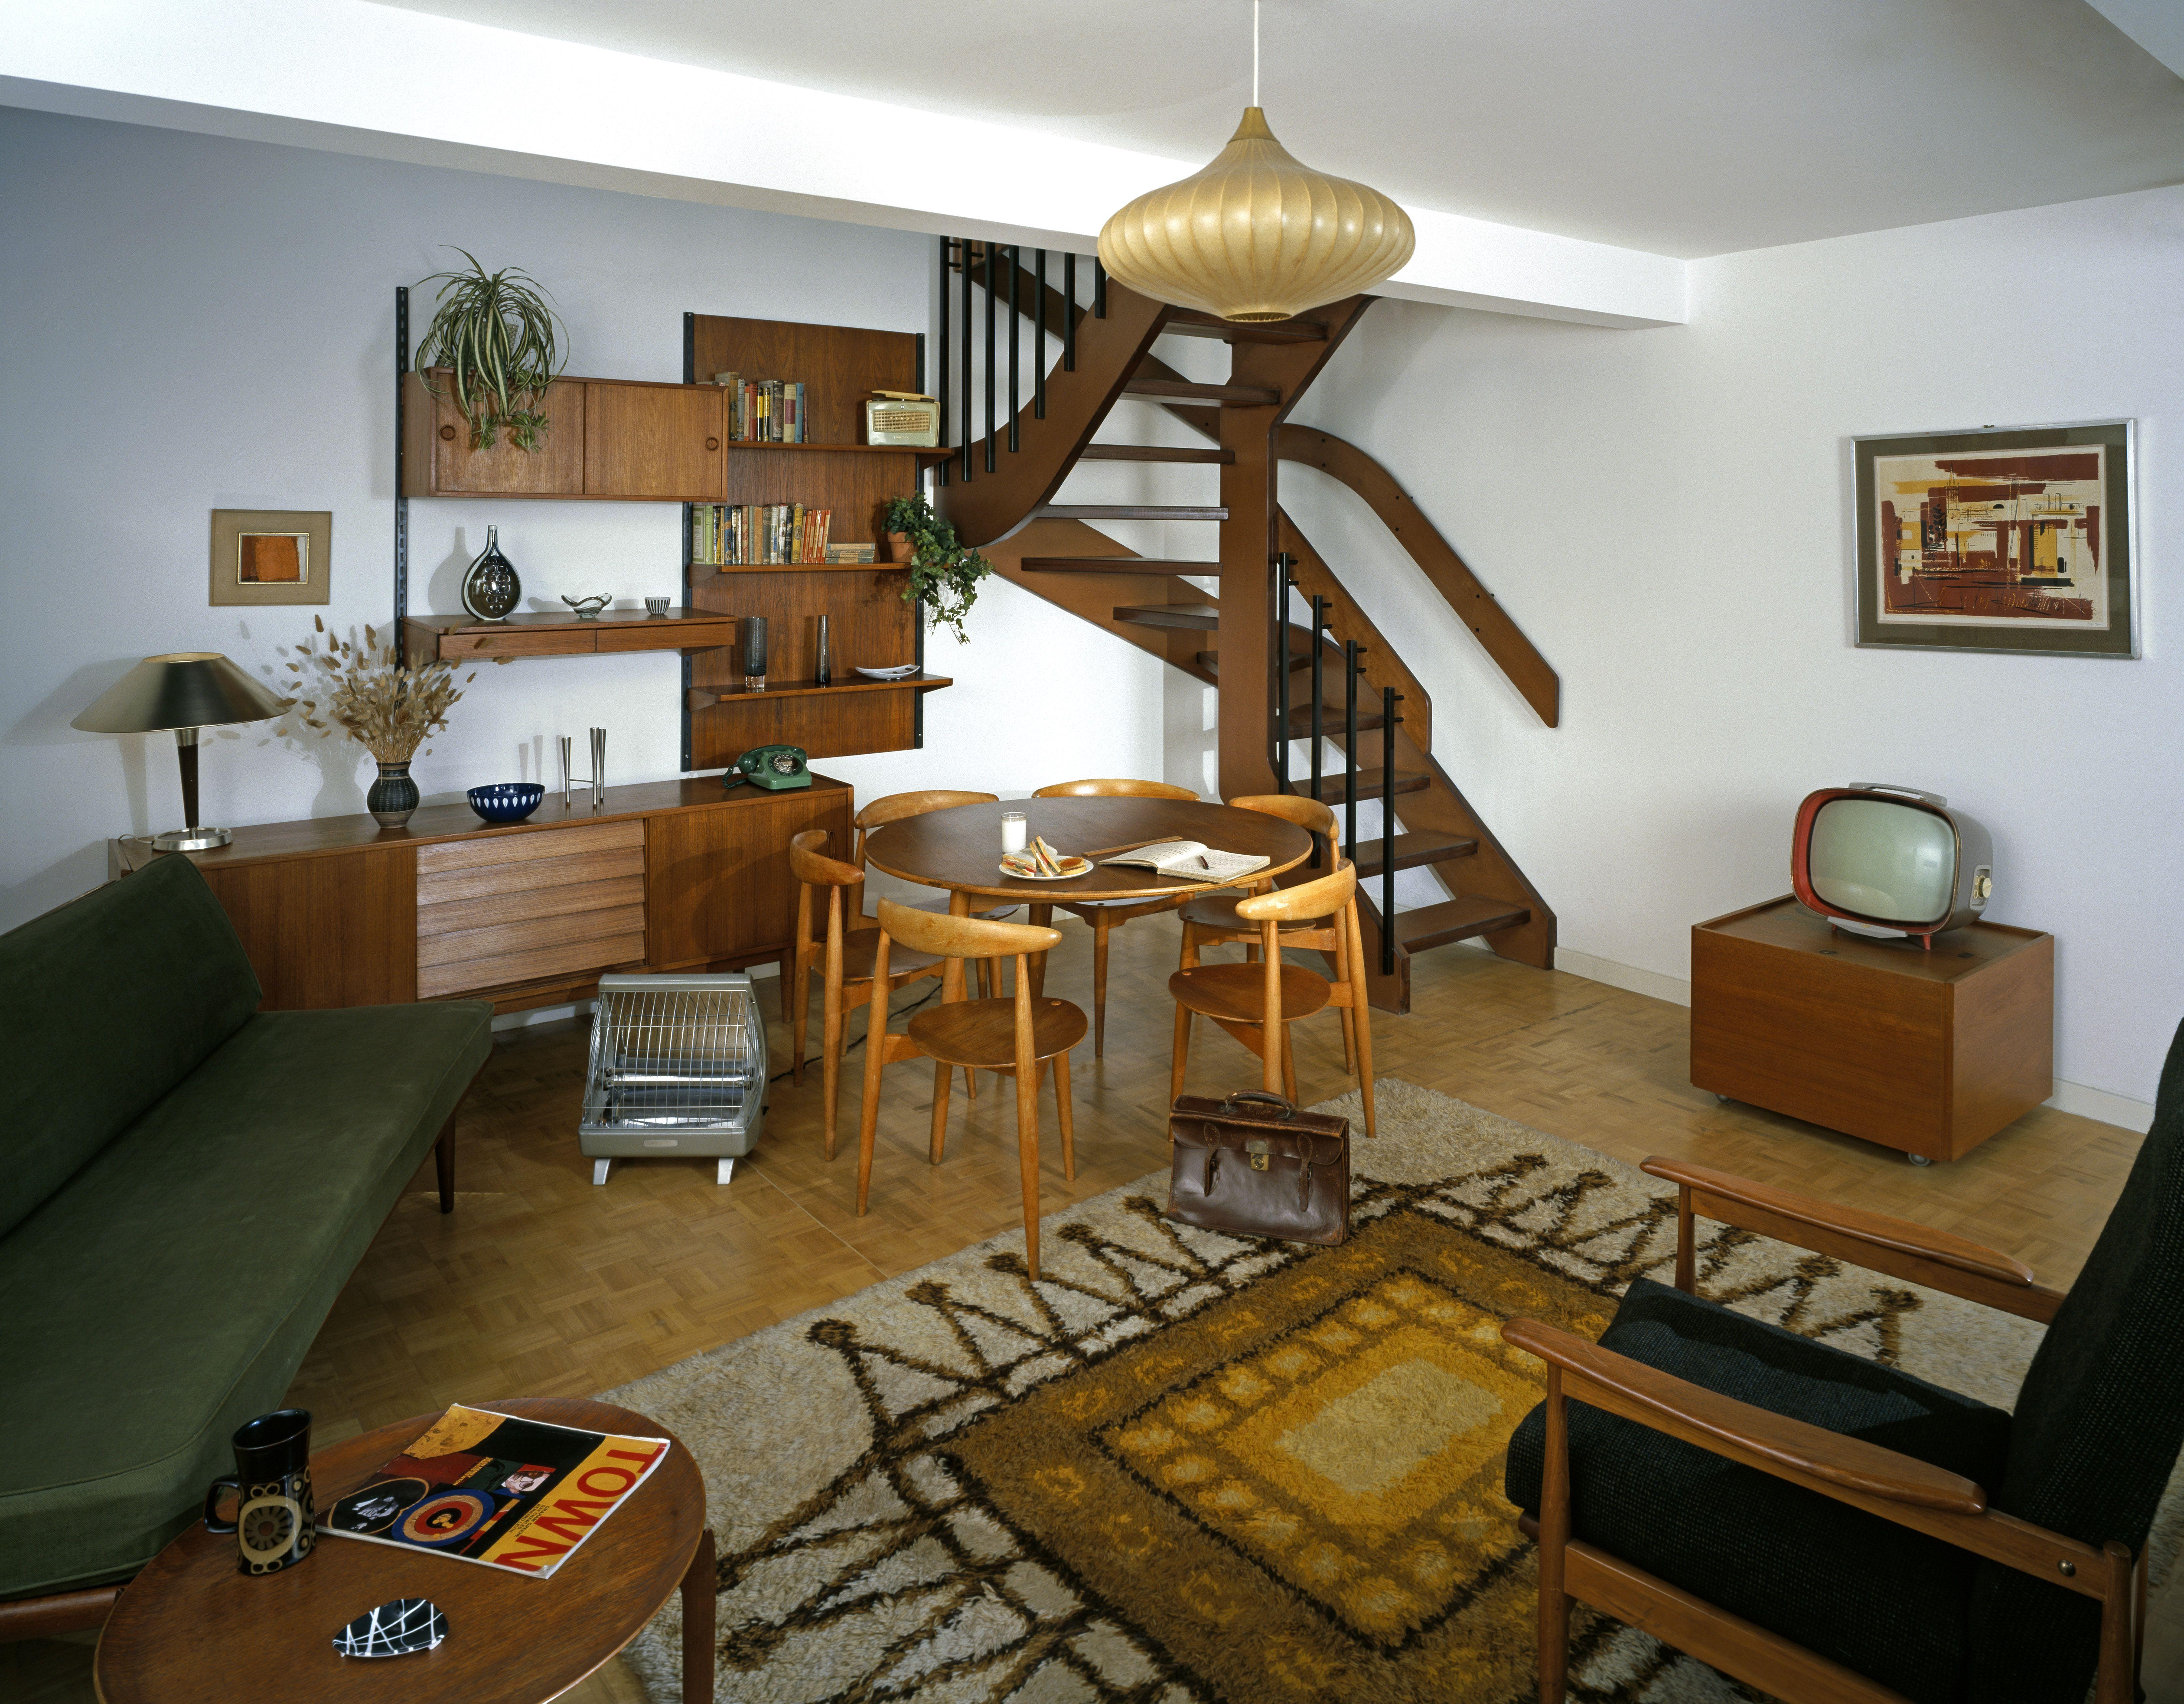 Geffrye Museums 1965 Room, London